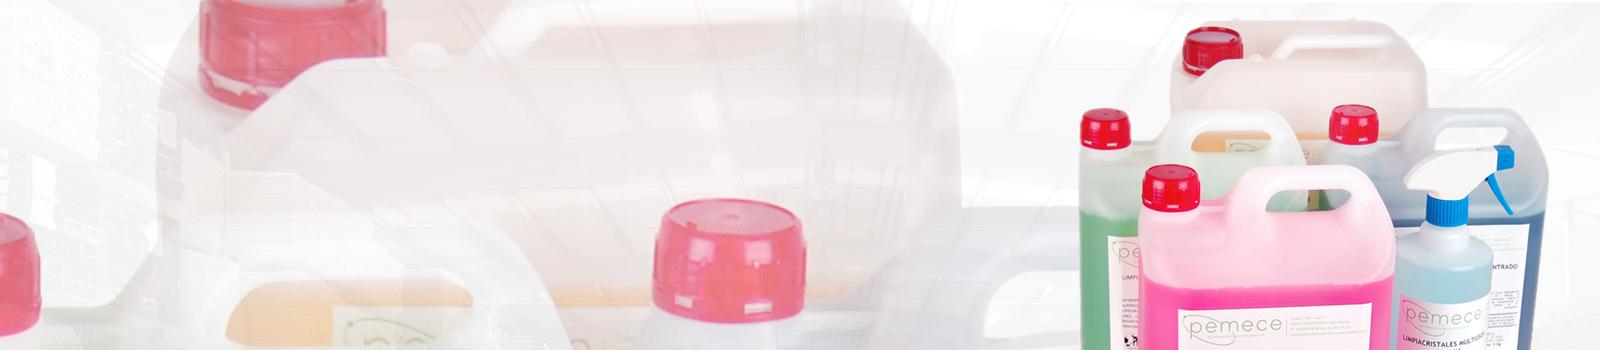 Slider detergentes2